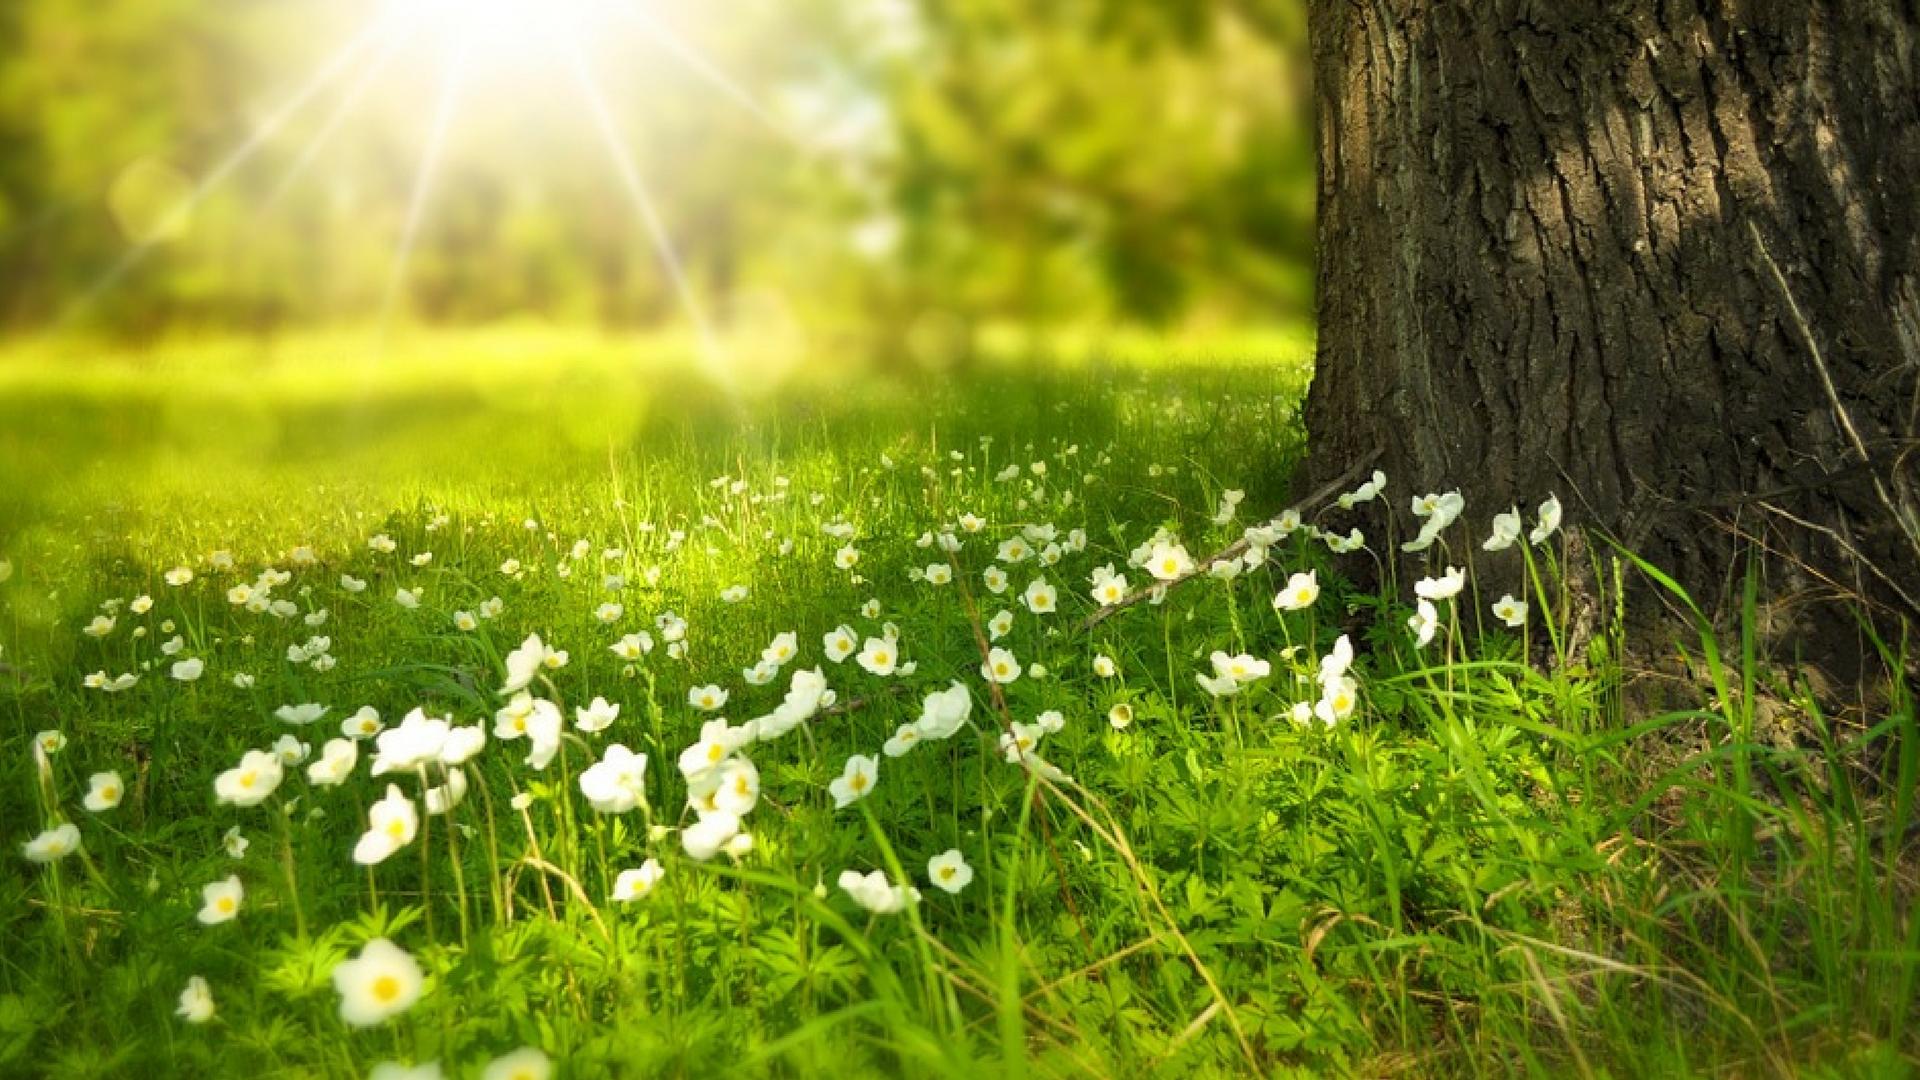 Auftanken in der Natur: Einfache Wege zu weniger Stress und mehr Wohlbefinden